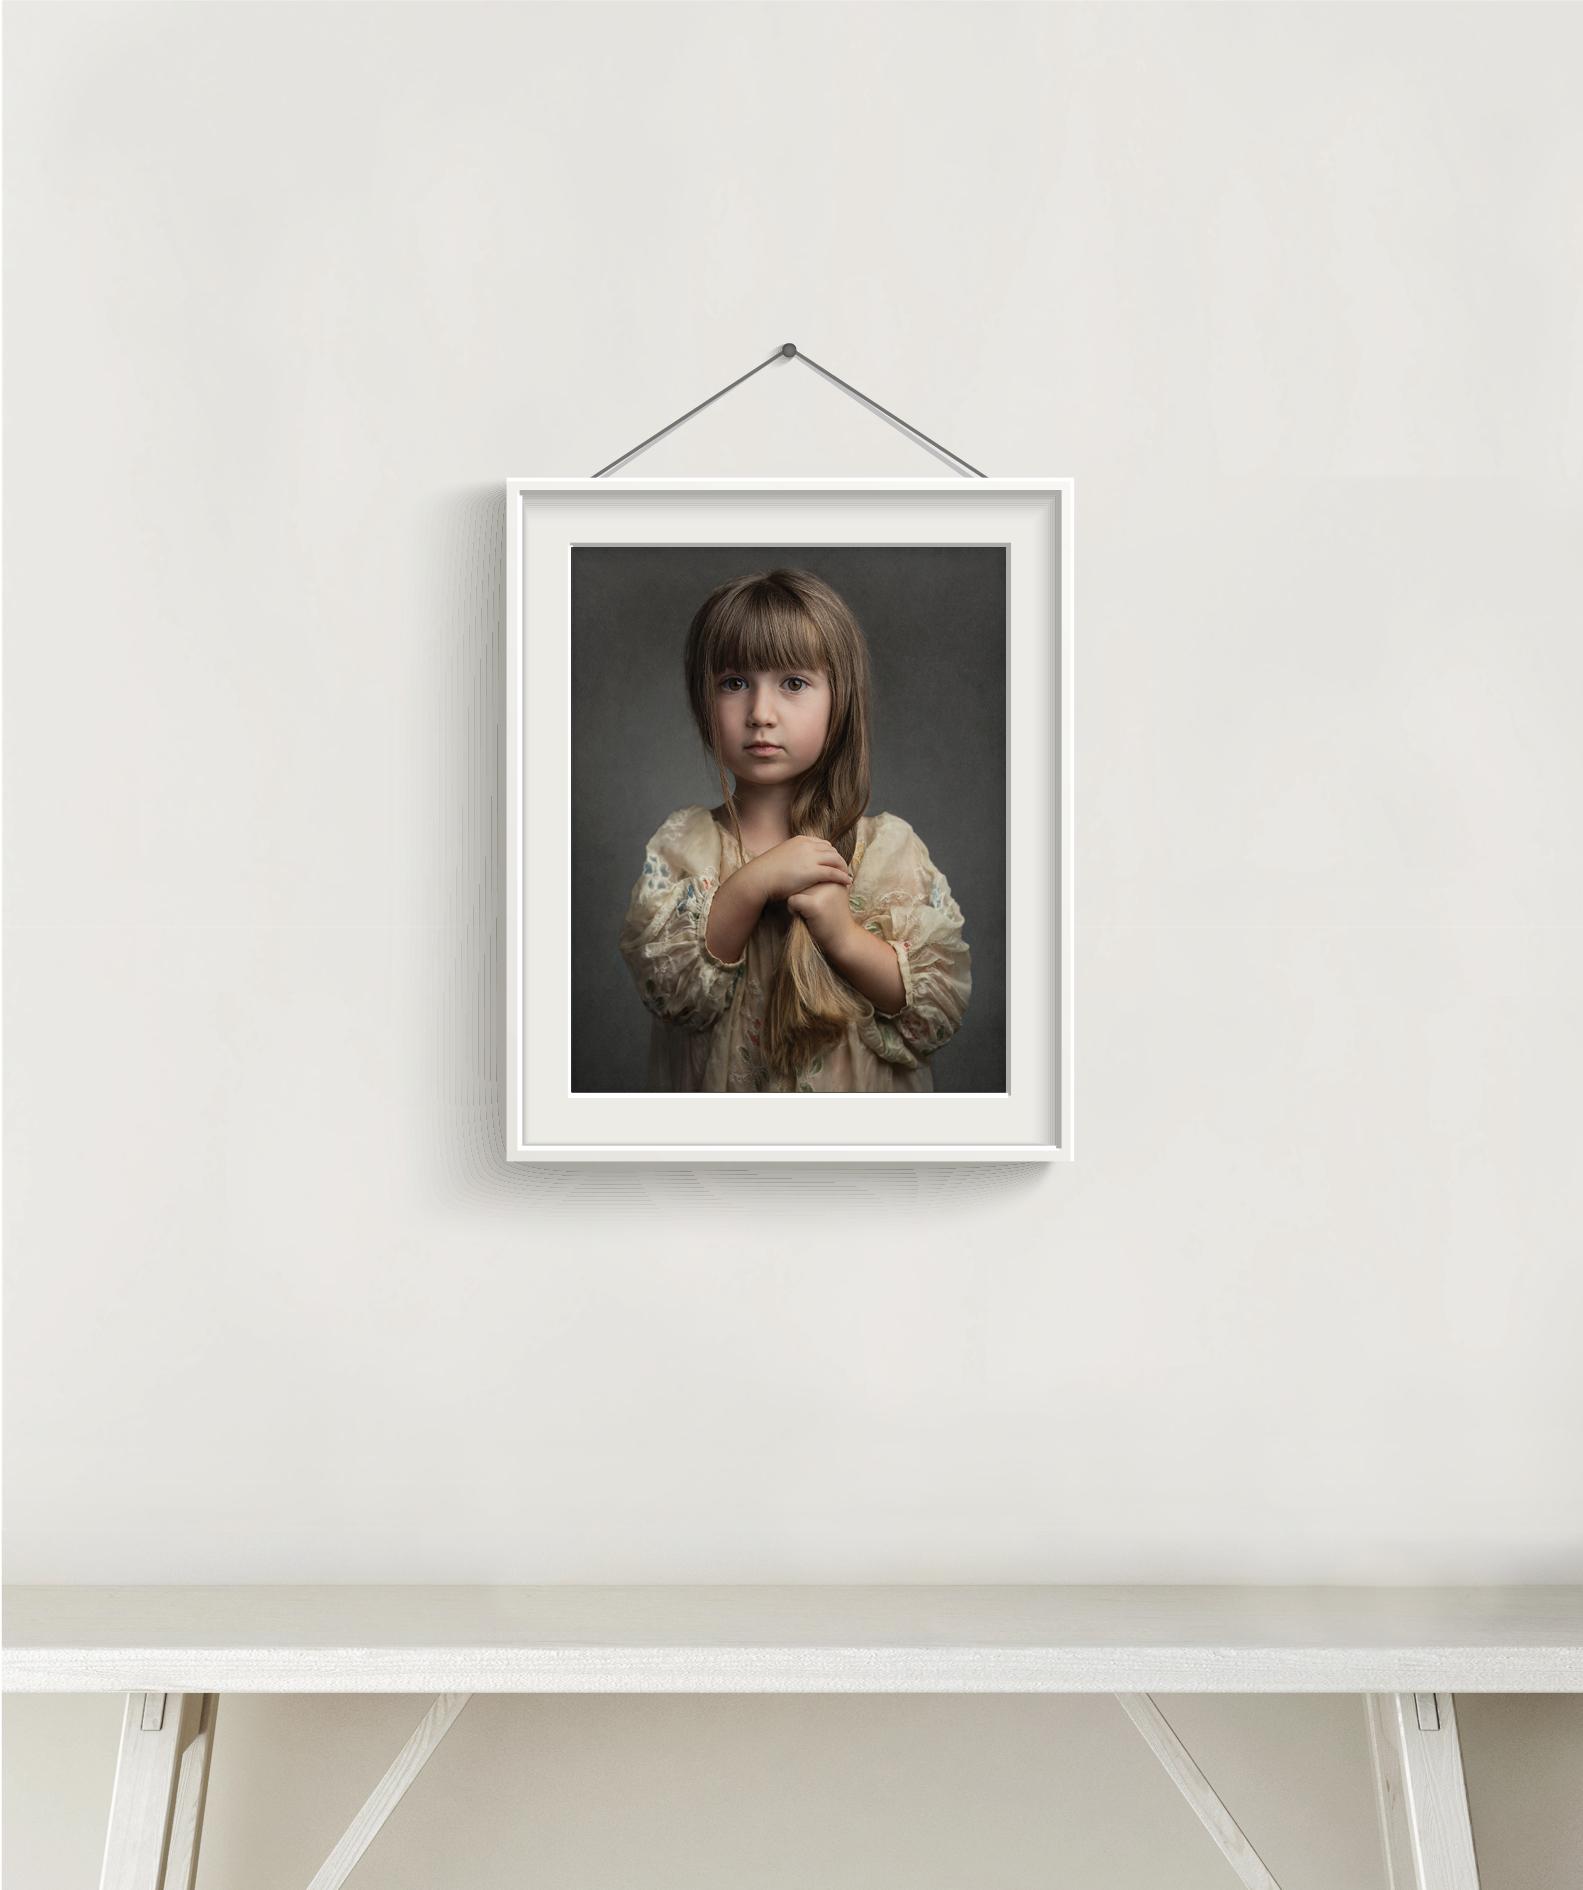 Small print 210 x 262mm